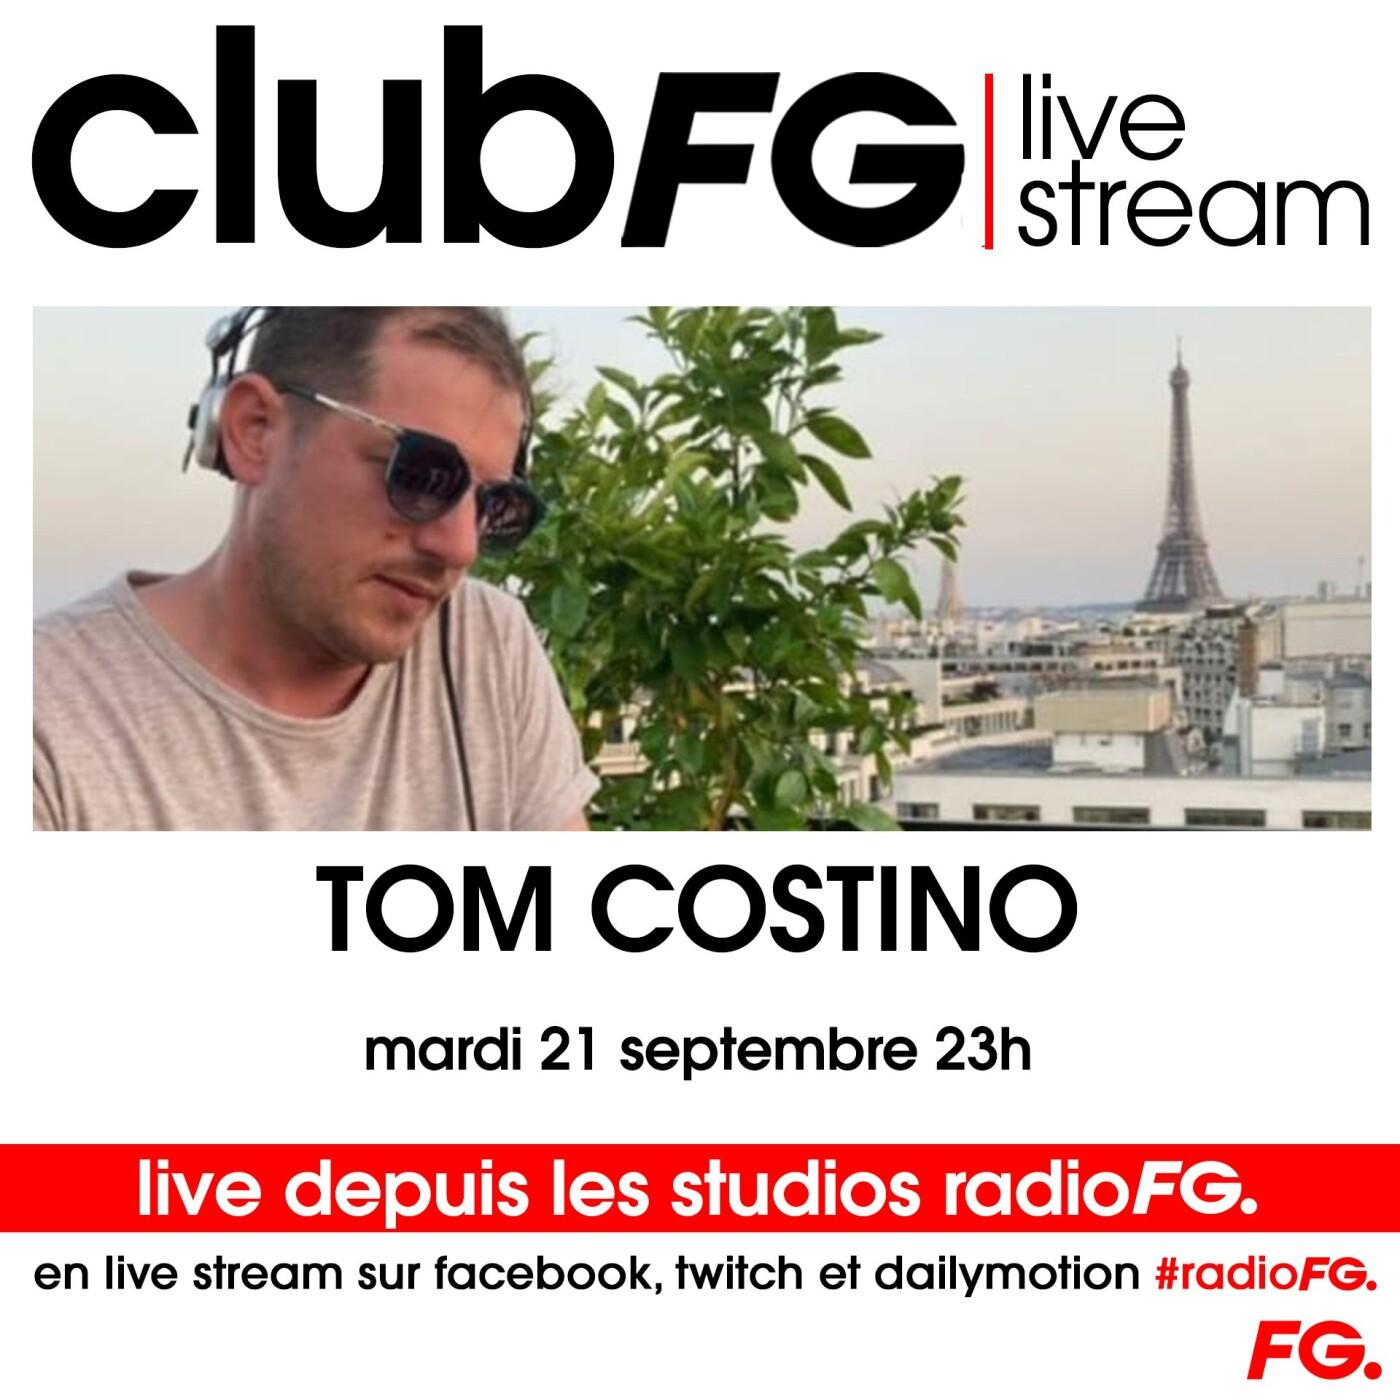 CLUB FG LIVE STREAM : TOM COSTINO